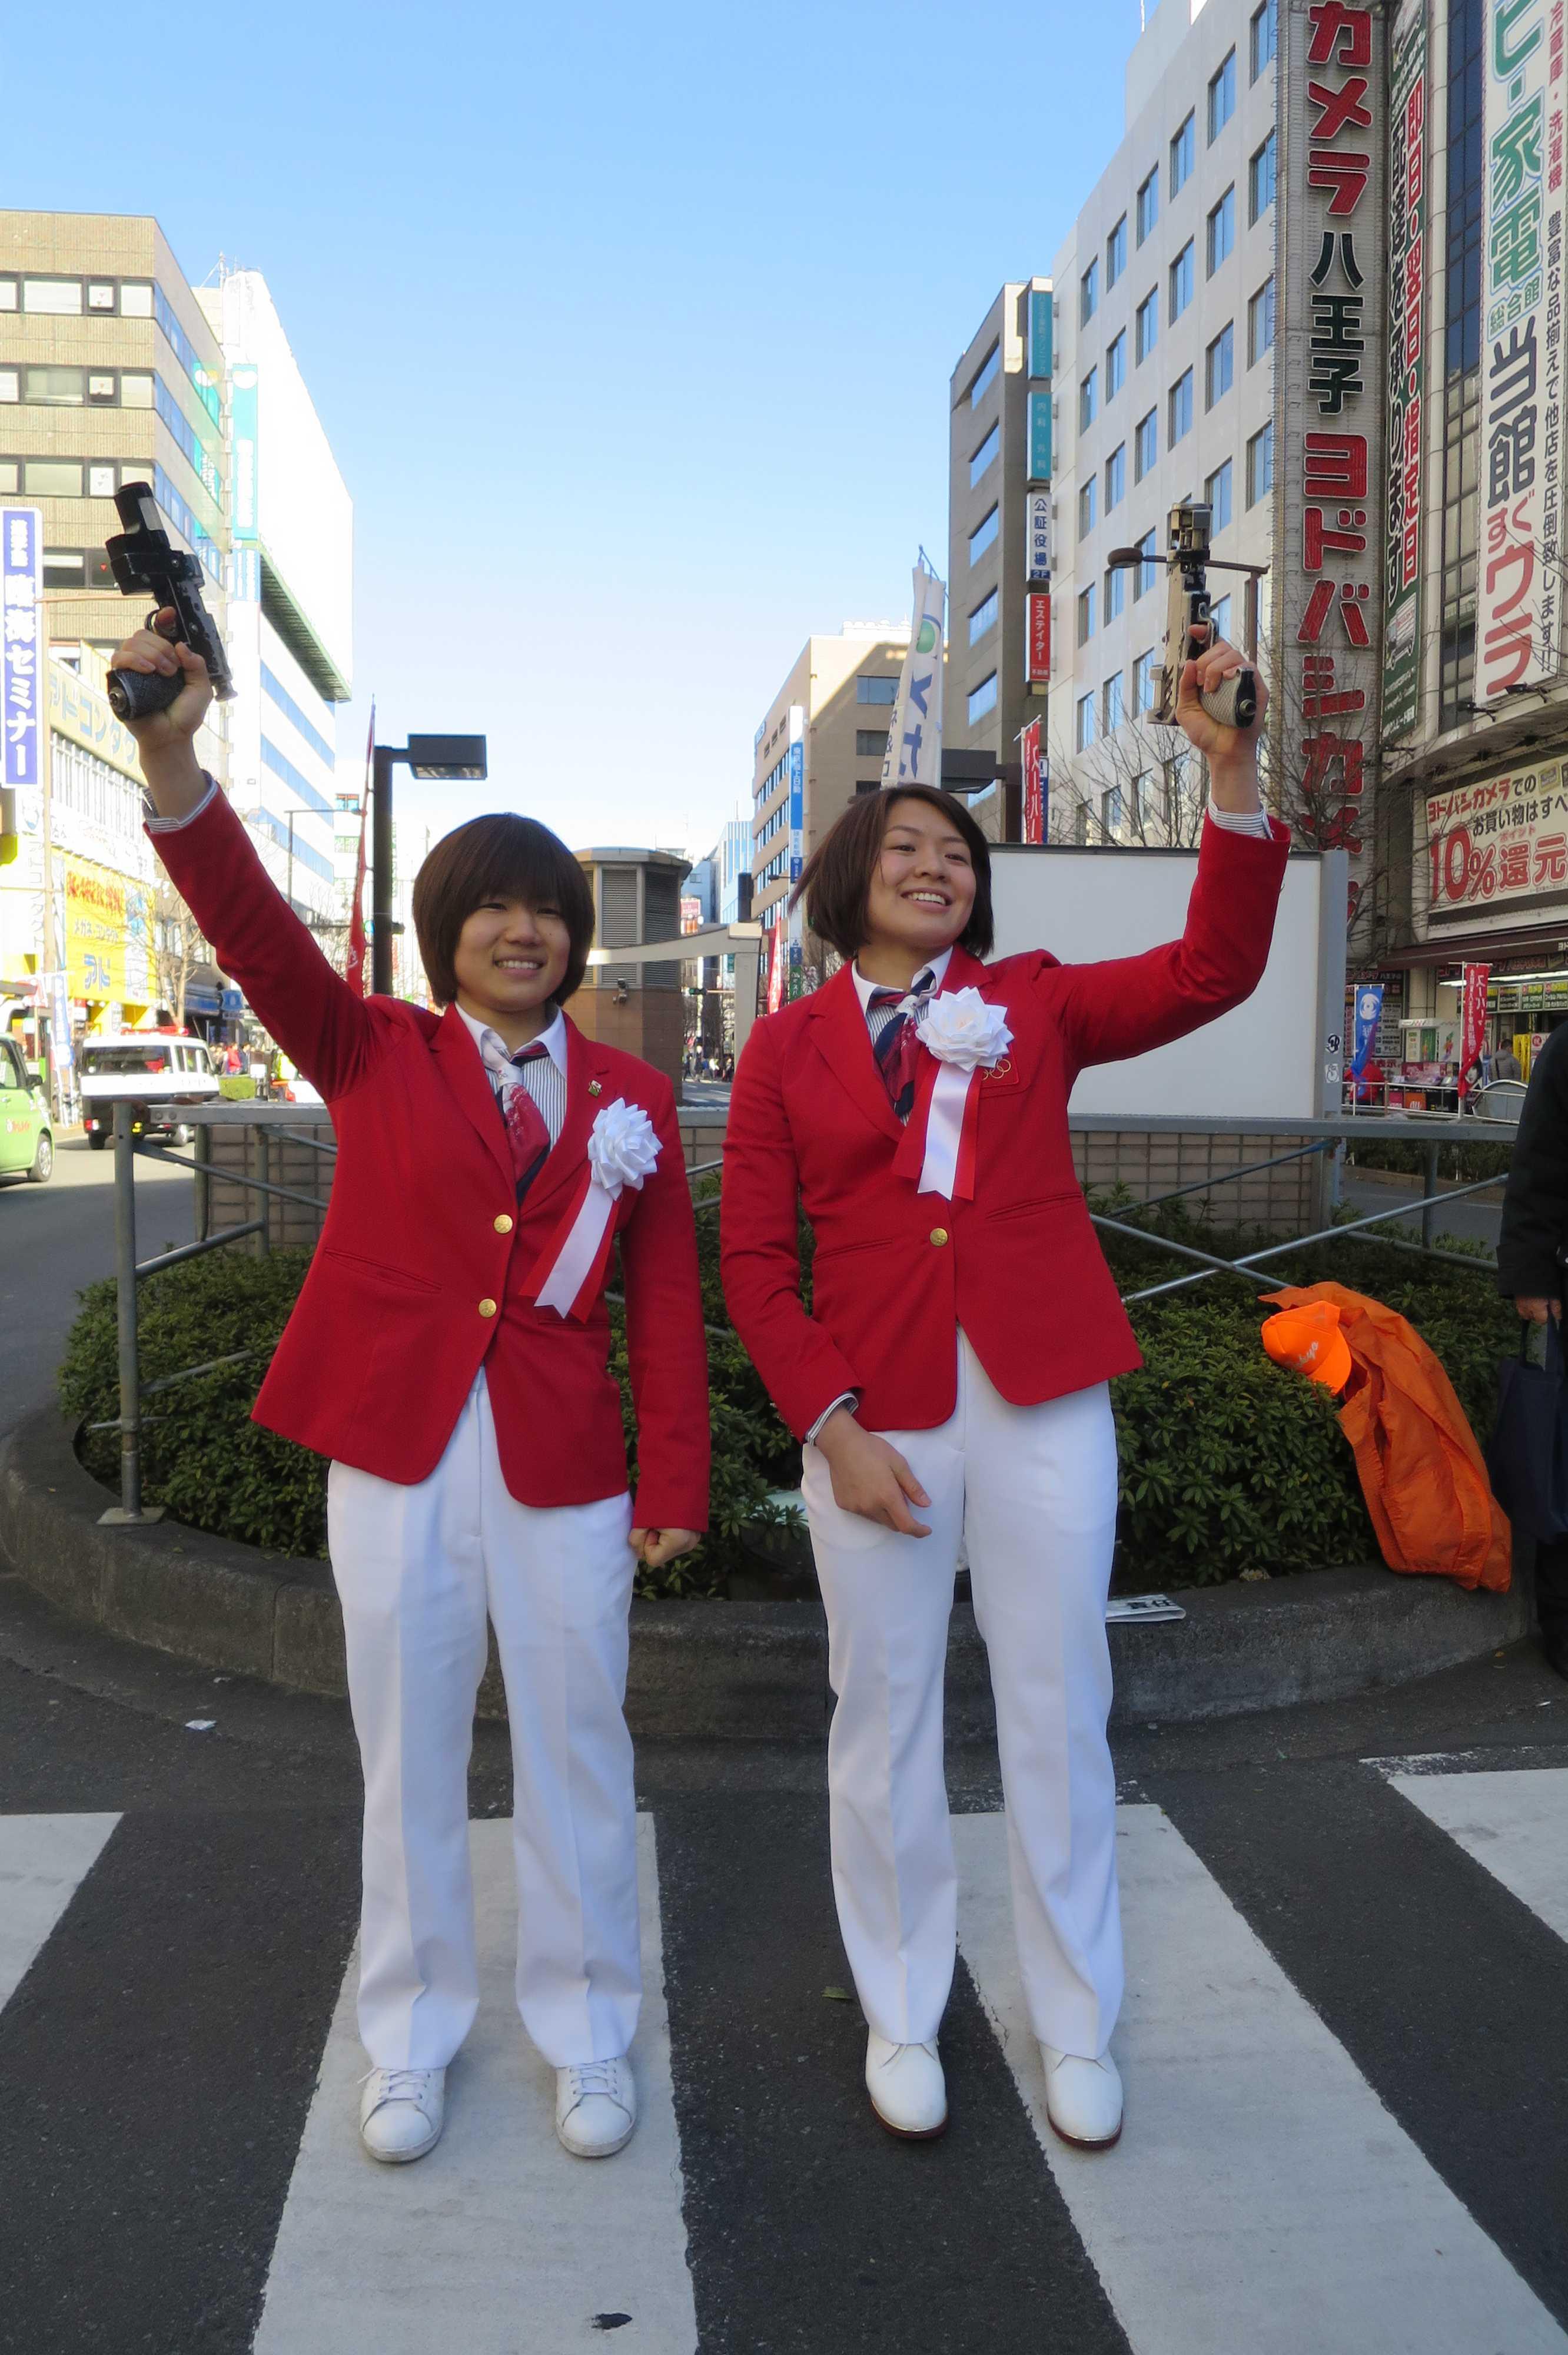 八王子夢街道駅伝でスターターを務めた中村美里選手と田代未来選手